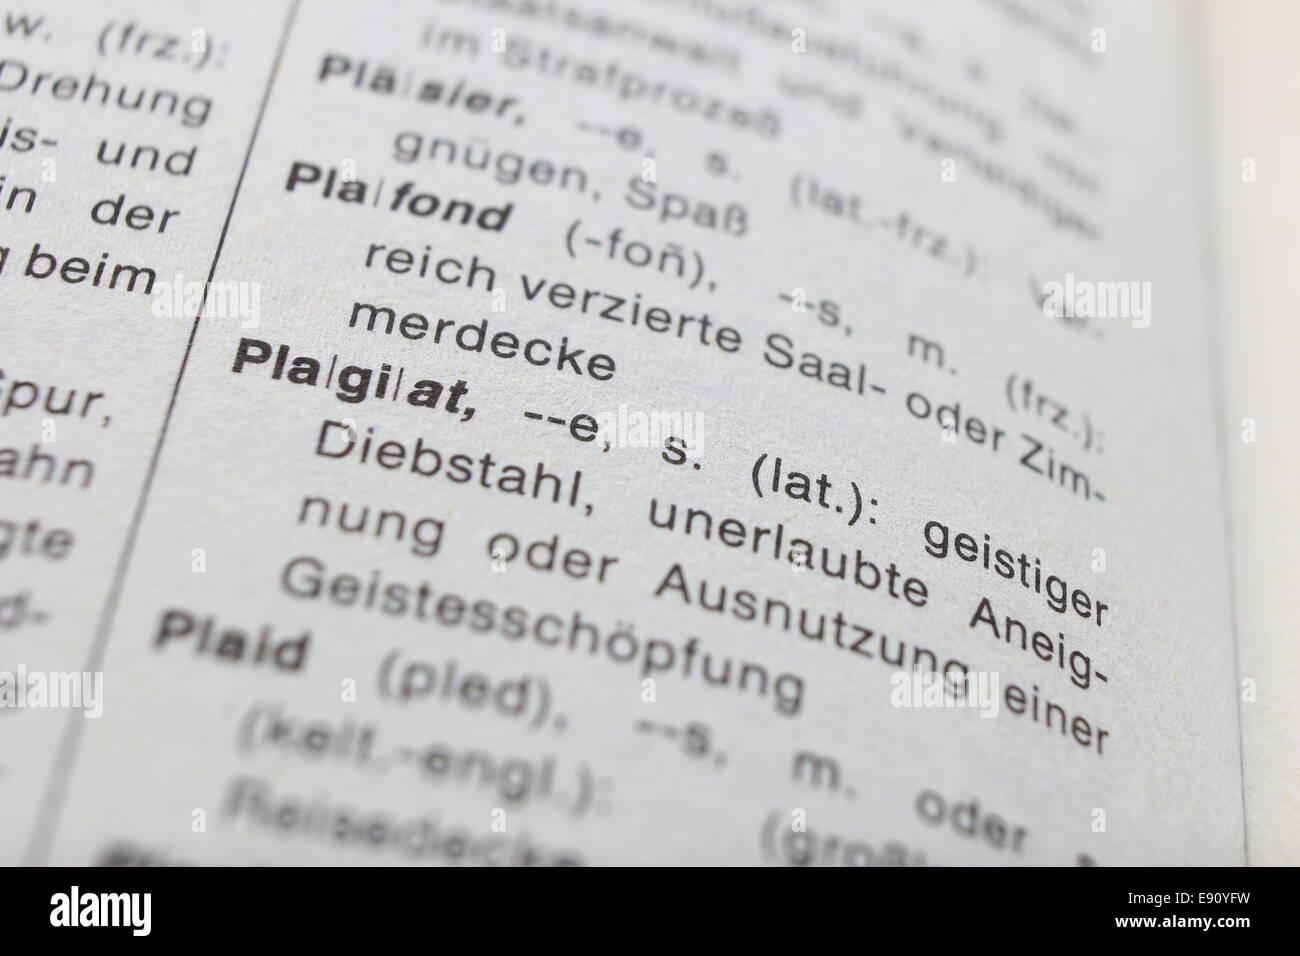 Plagiarism - Stock Image